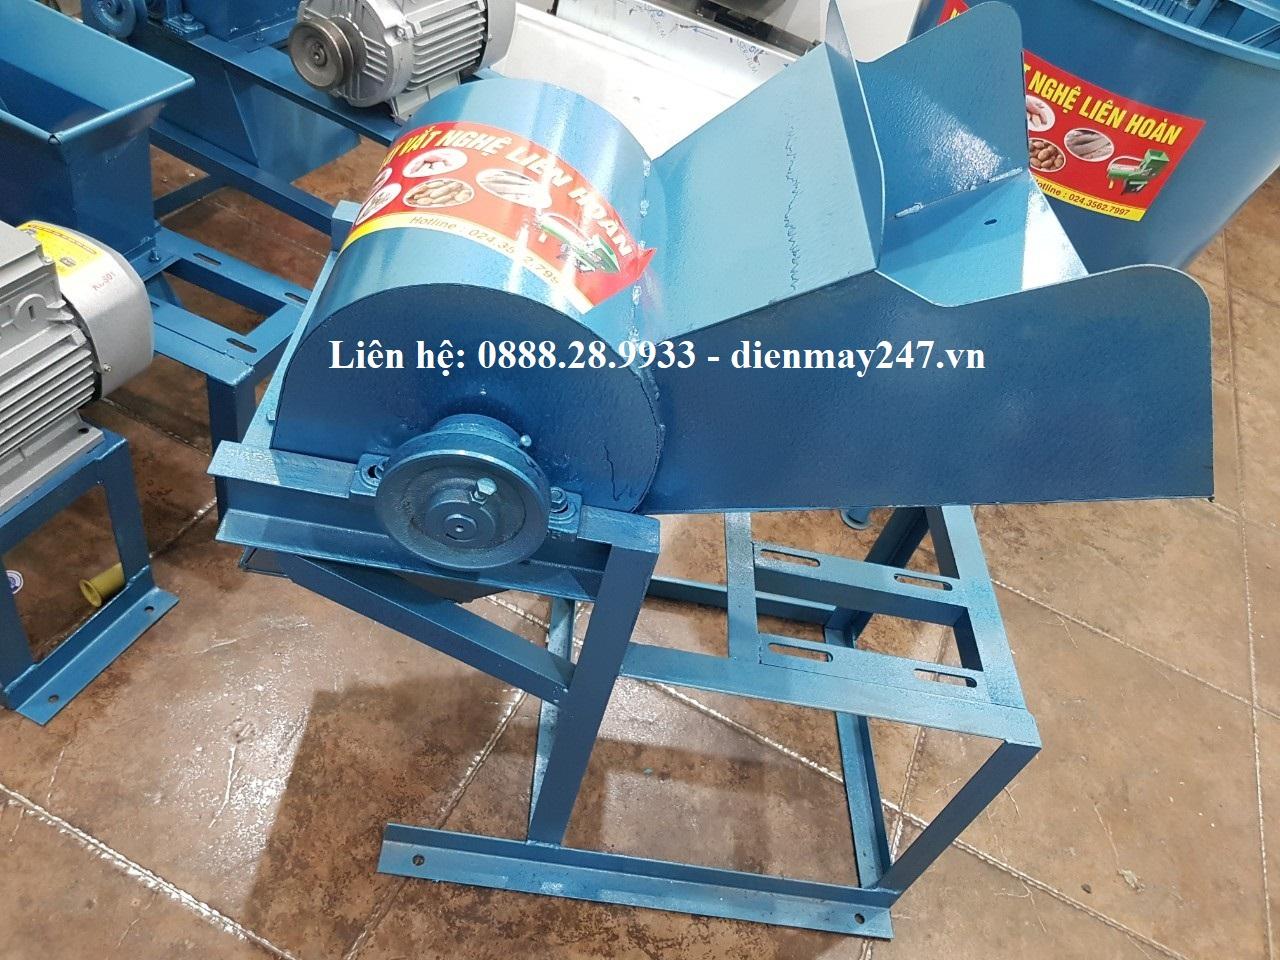 Máy xay nghiền nghệ tươi công nghiệp công suất lớn HM-2019 (MOTO 3.5KW)